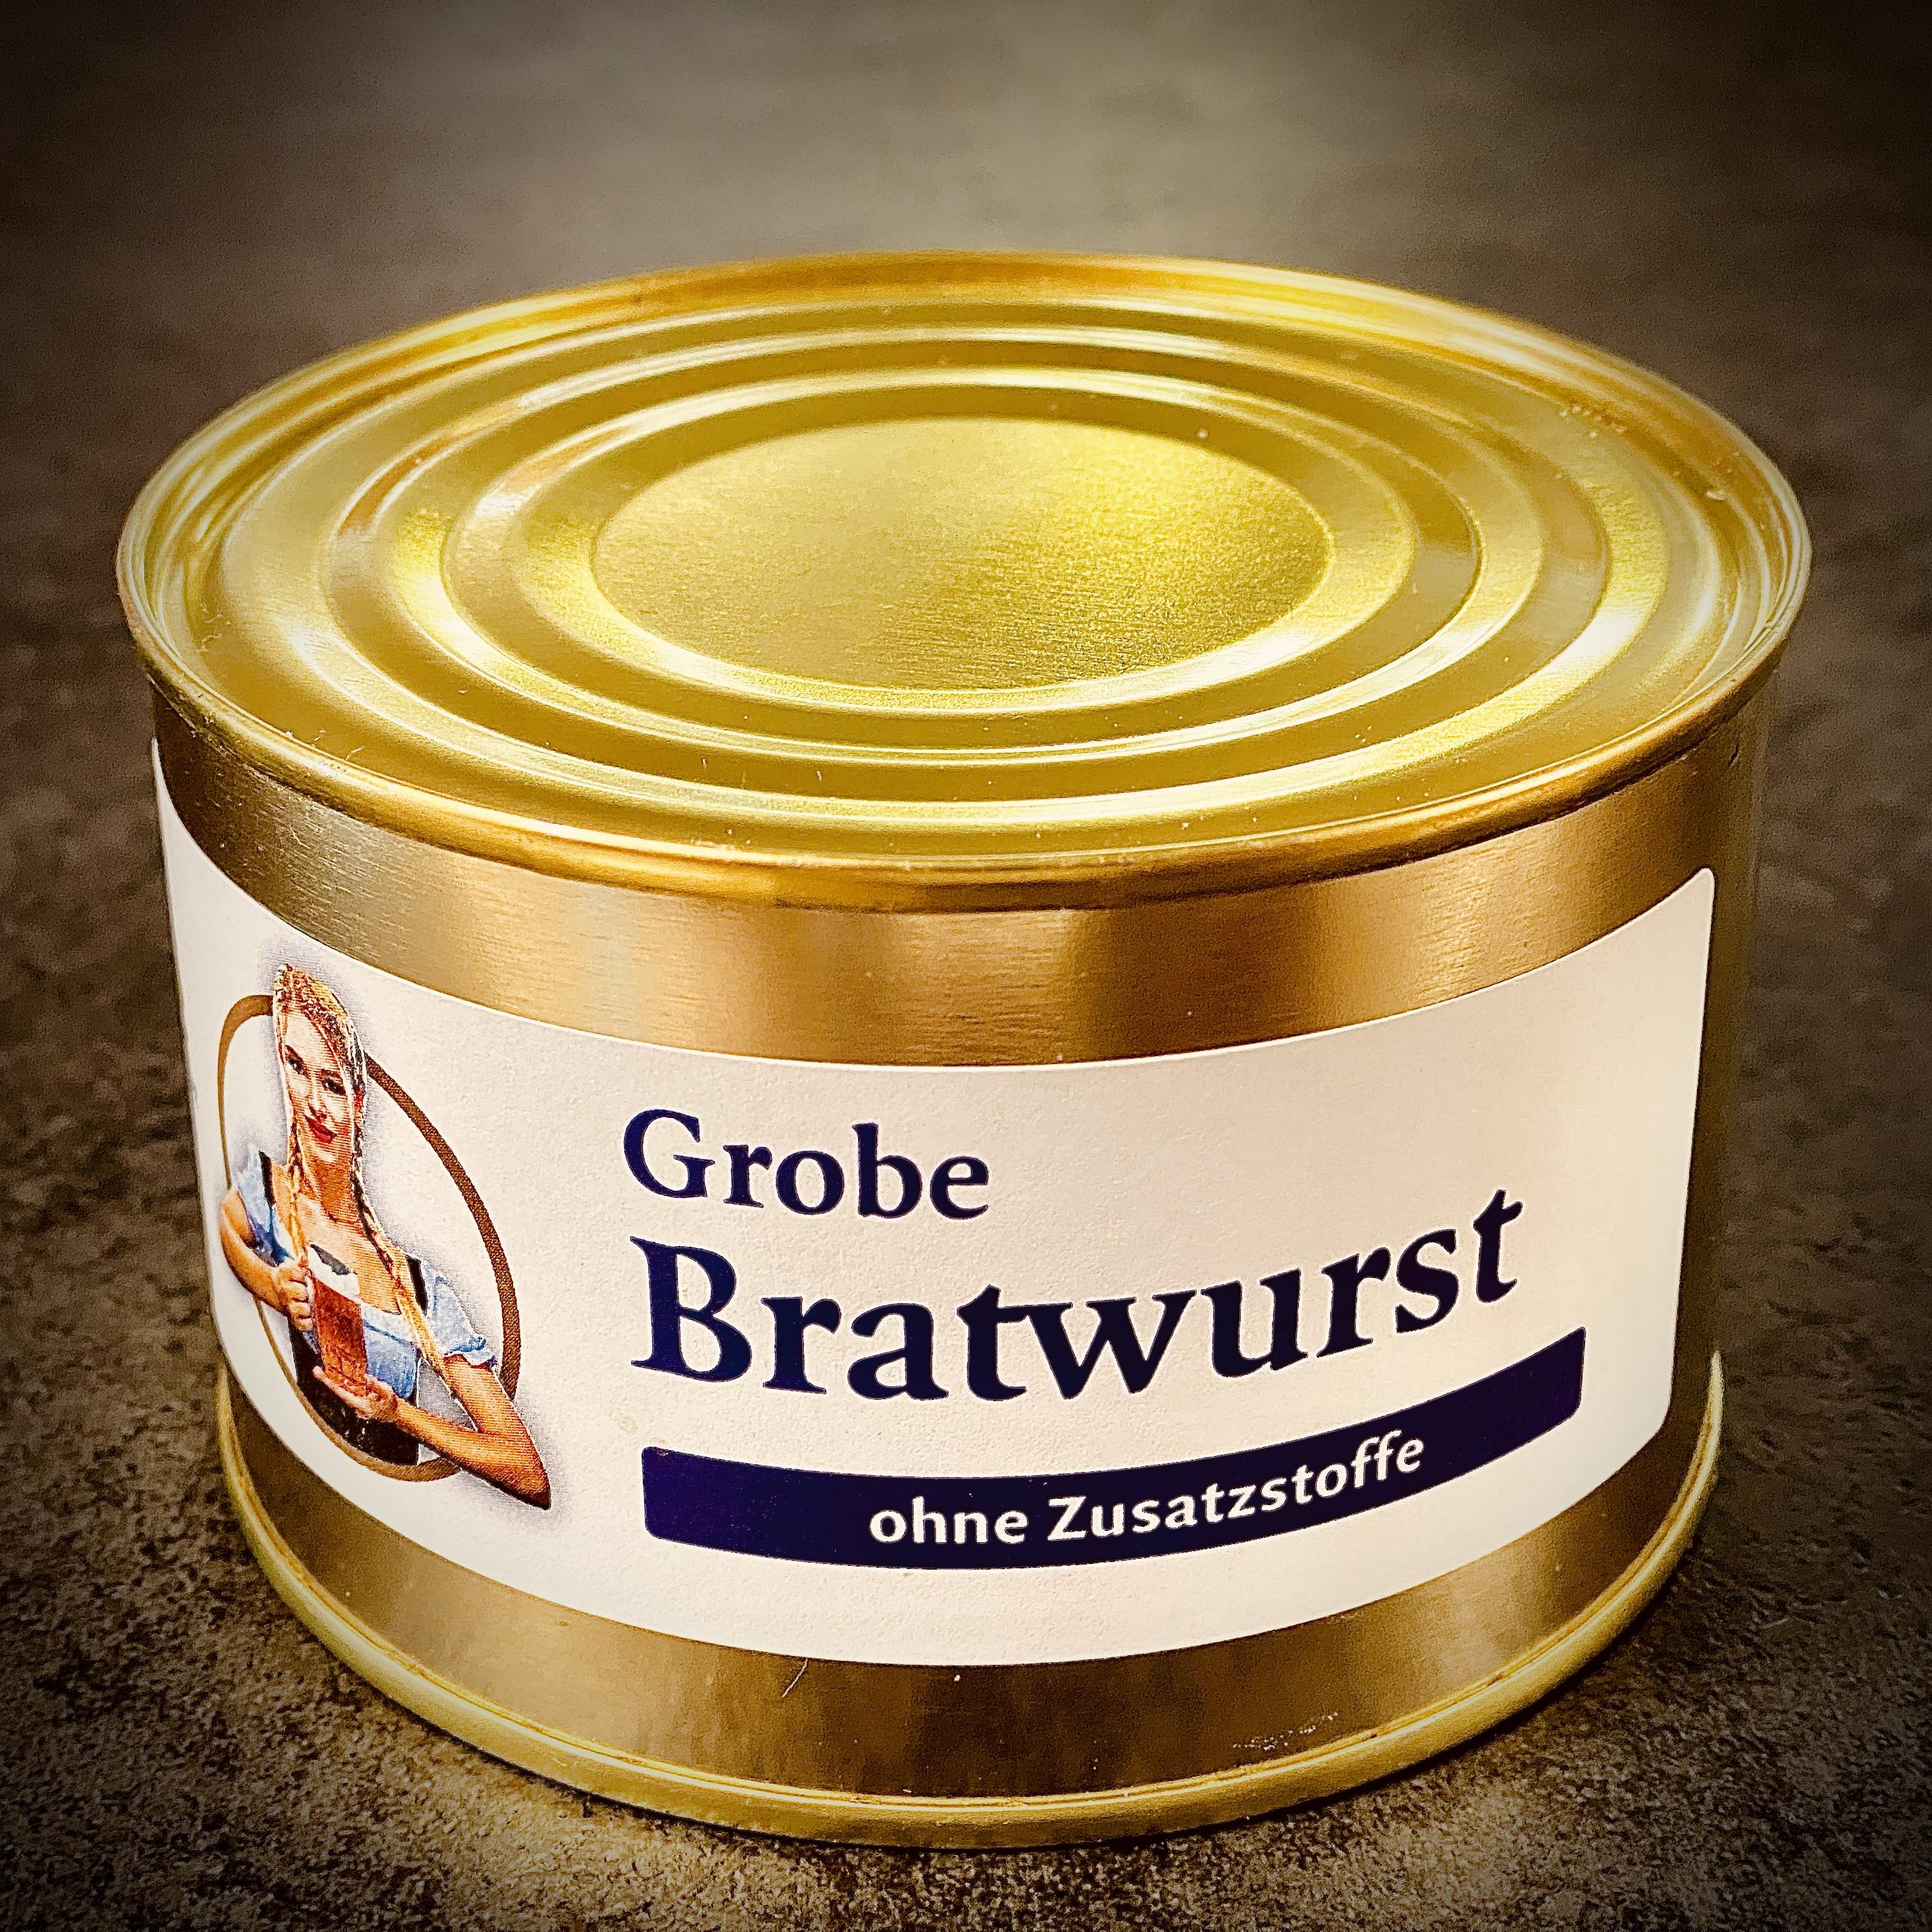 Grobe Bratwurst aus der Wirtshausküche. Allergenfrei. Ohne Geschmacksverstärker.